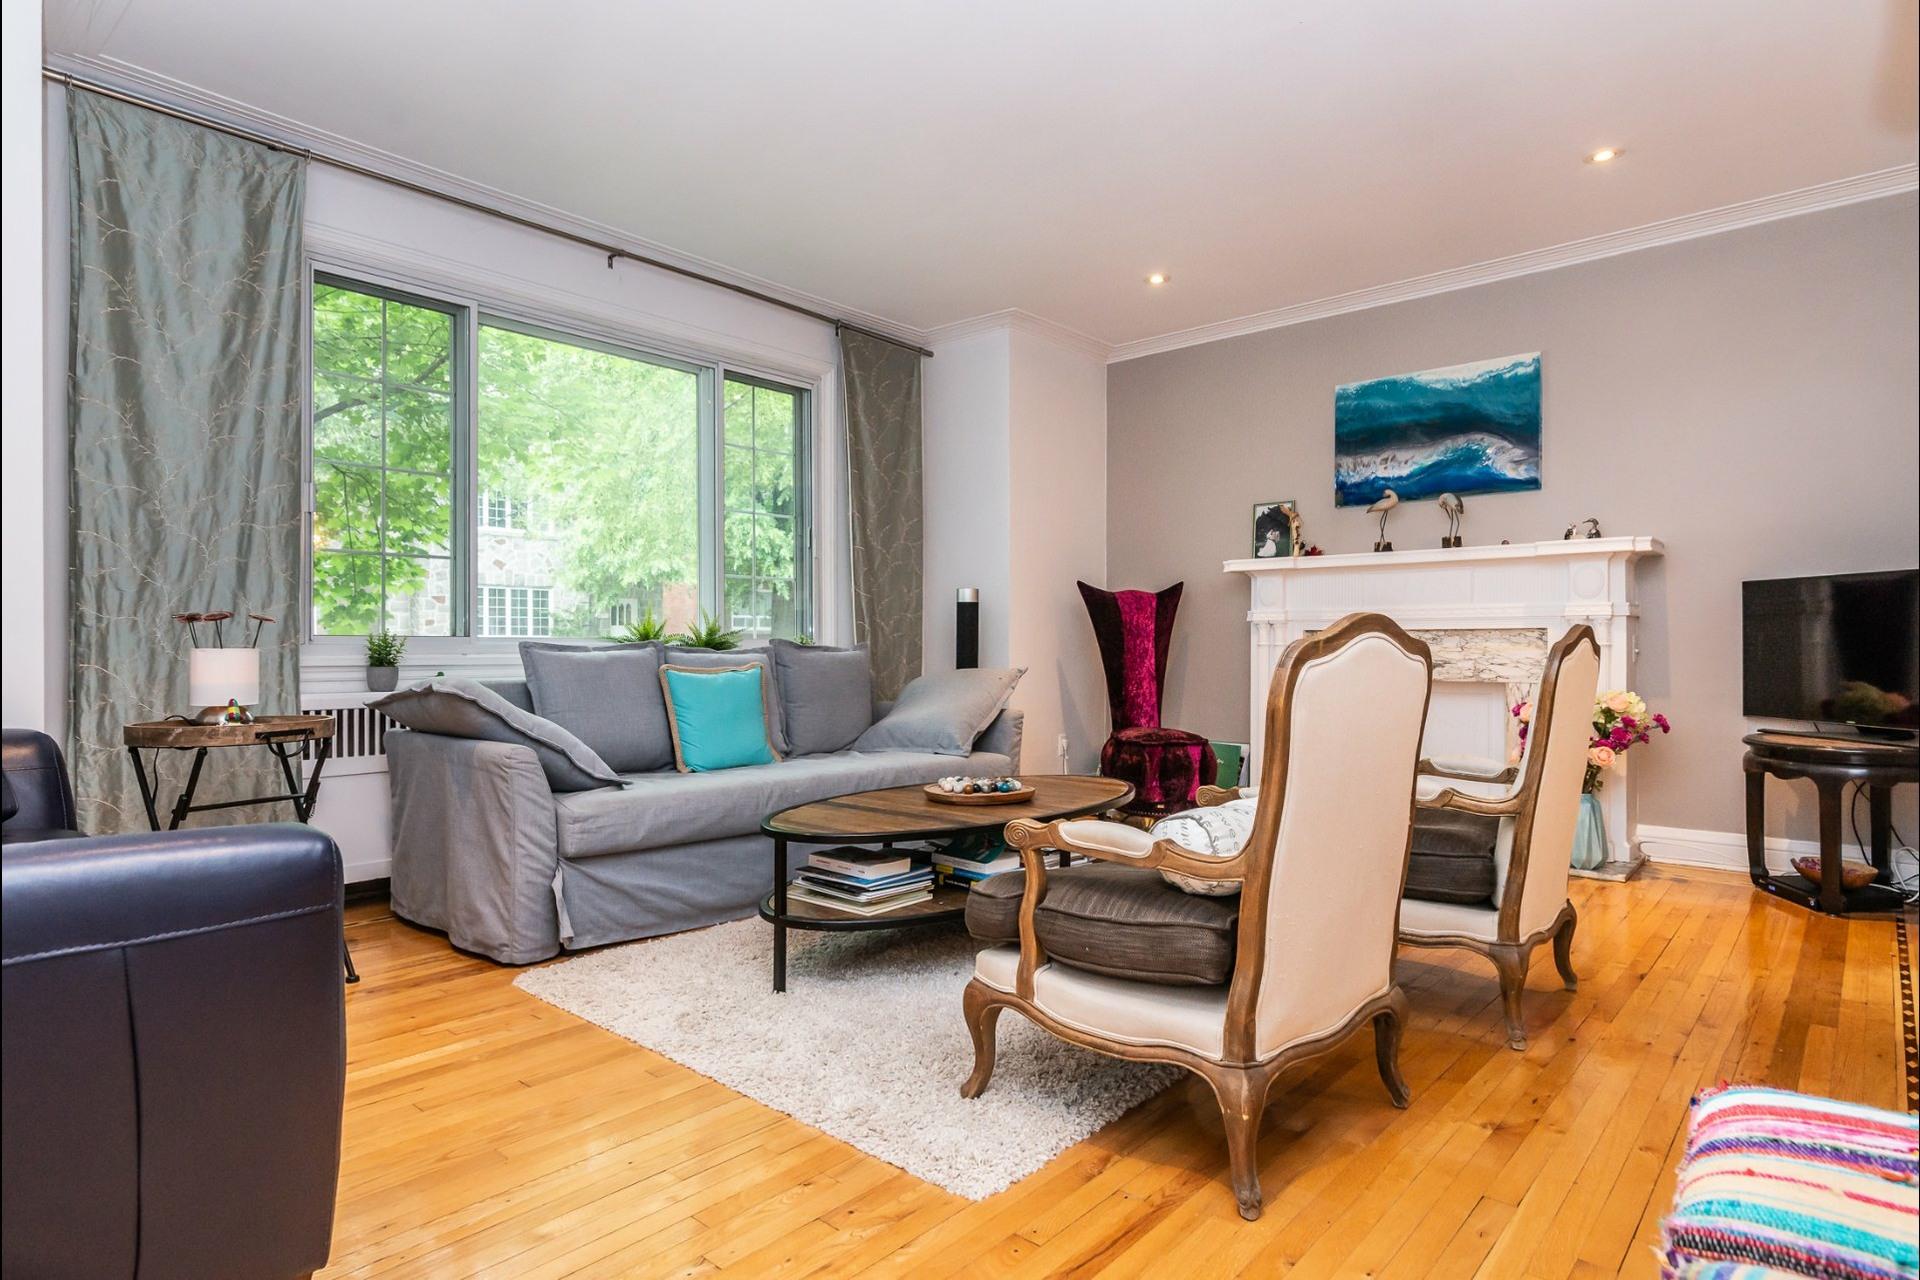 image 4 - Appartement À louer Montréal Côte-des-Neiges/Notre-Dame-de-Grâce  - 7 pièces